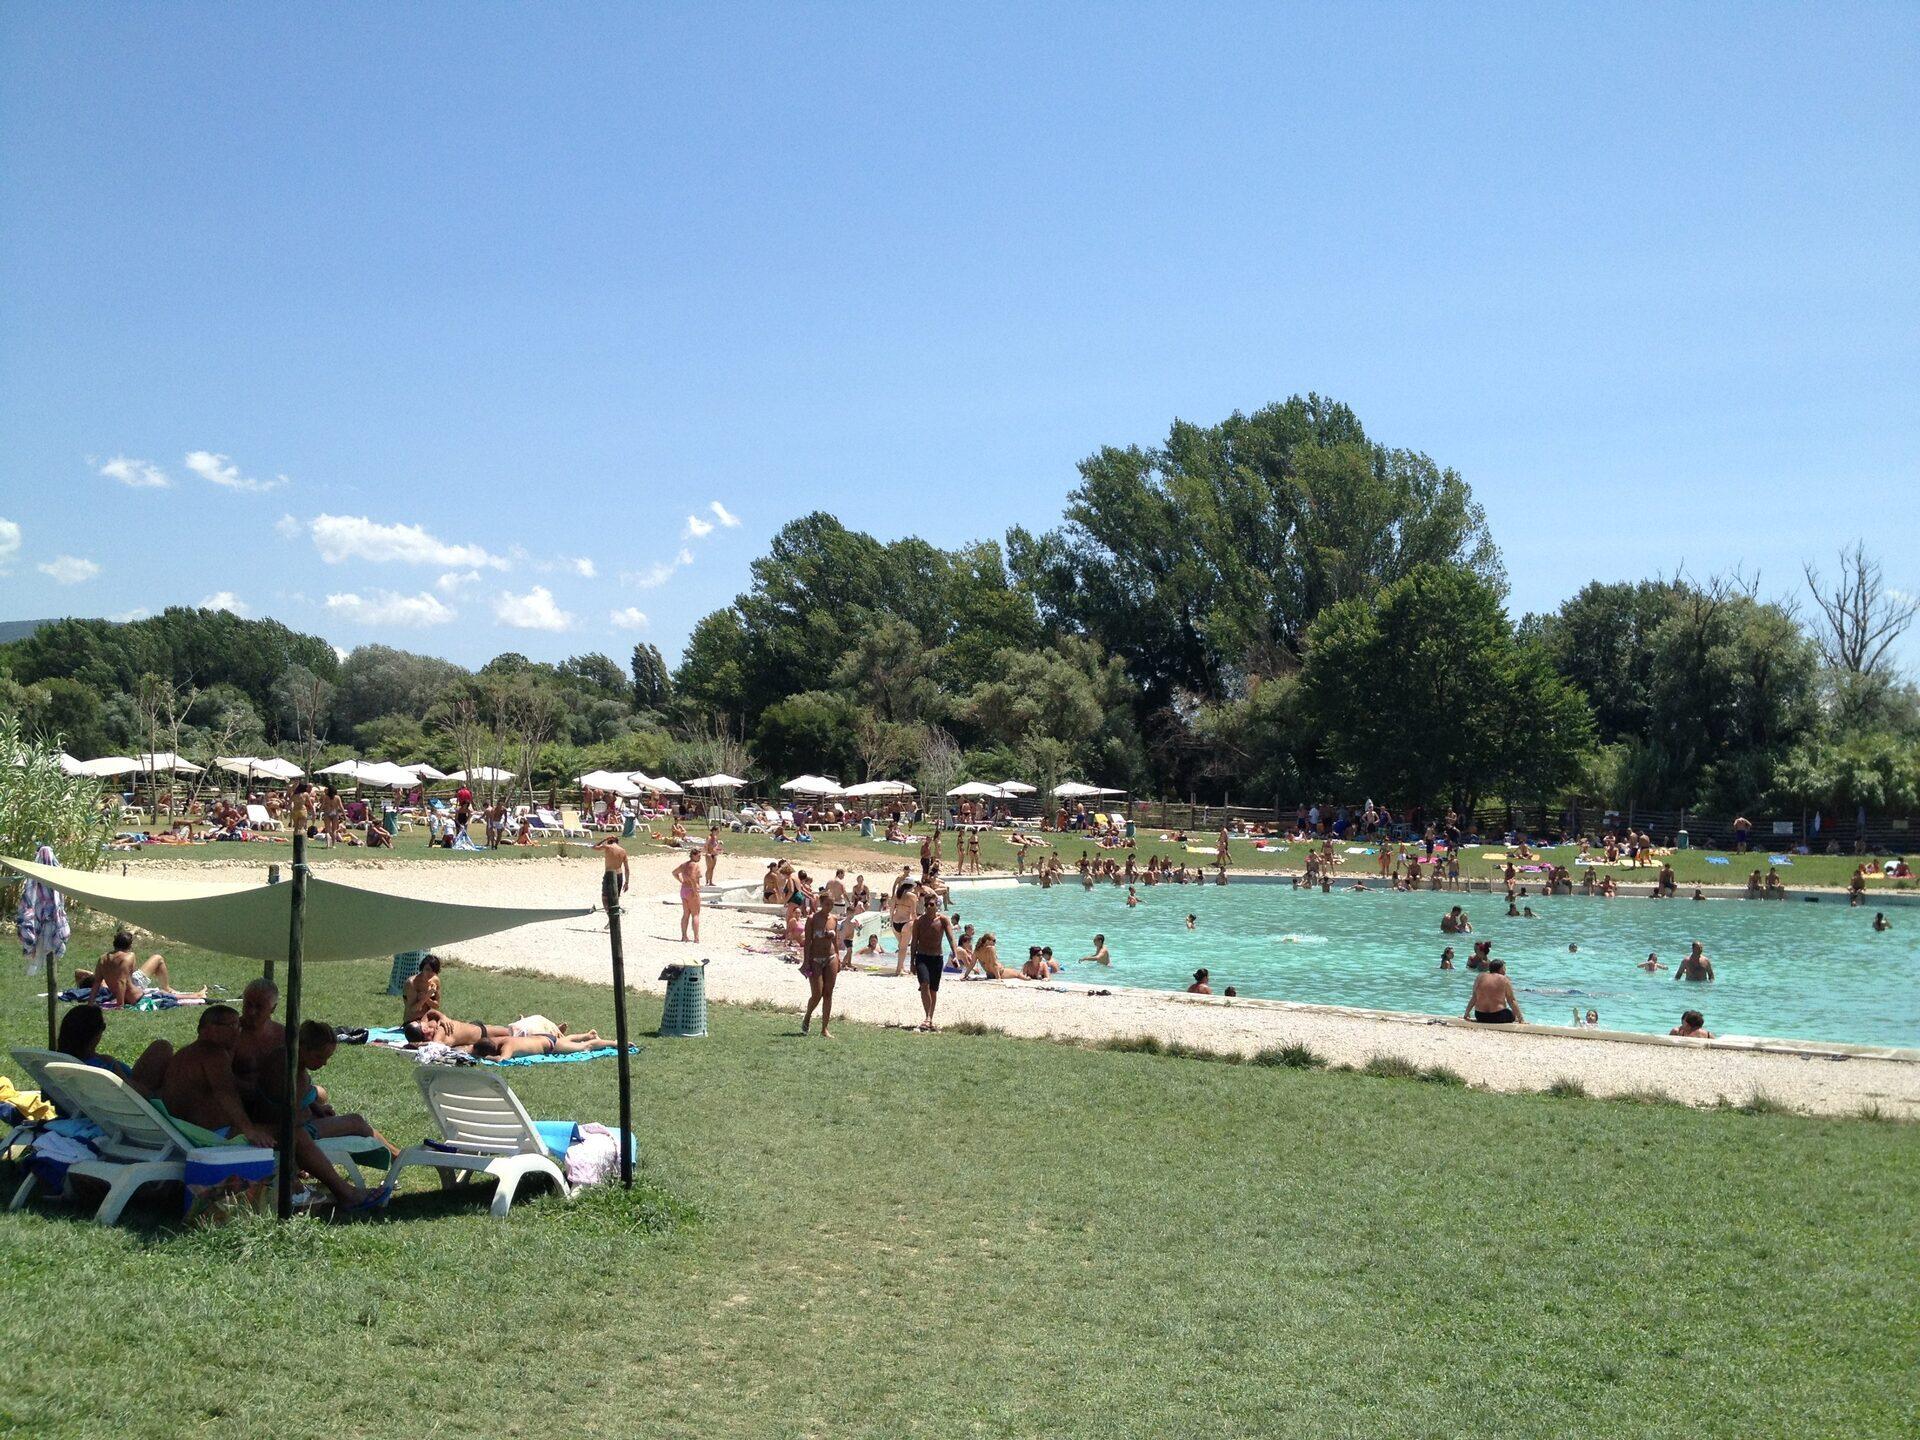 Parco tivoli domenica pomeriggio alle terme viaggi low cost - Bagni di tivoli roma ...